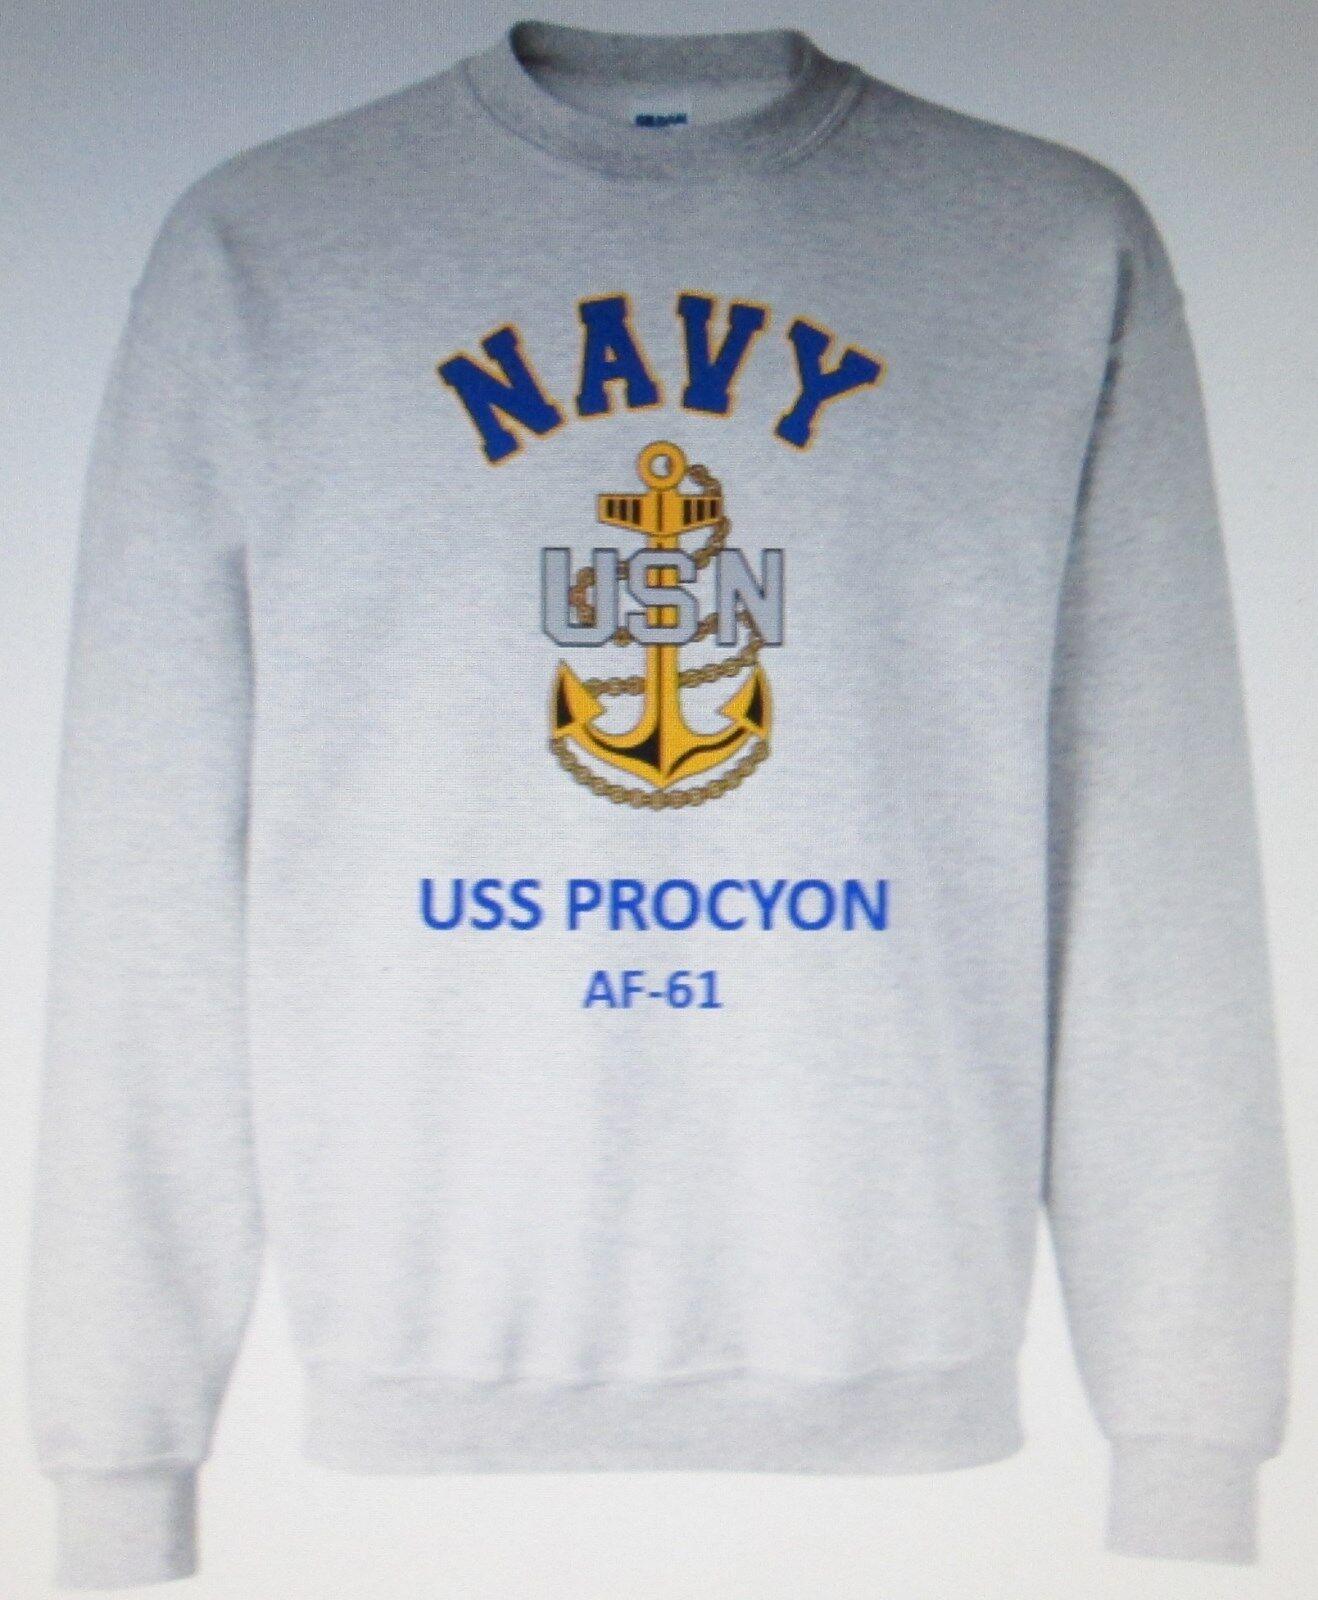 États-Unis navire Procyon AF-61  boutiques navire  marine ancre Emblème Sweat